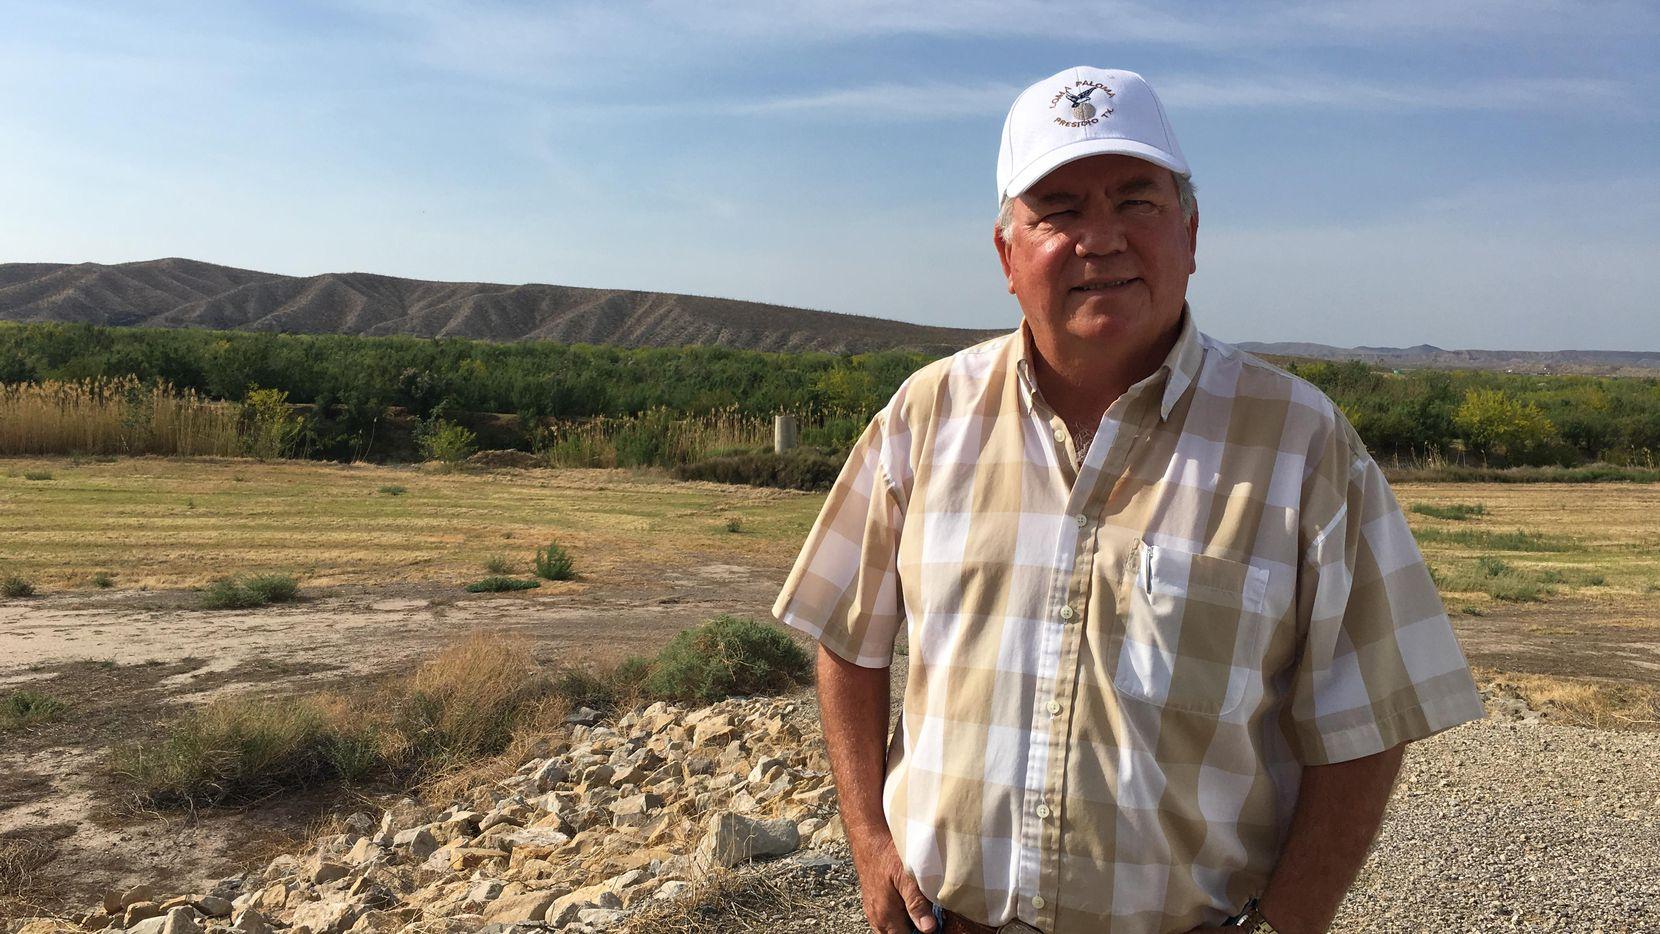 Terry Bishop, un granjero y residente de Presidio, Texas, pueblo fronterizo con Ojinaga, México, teme que un muro en la frontera dividiría la vida de estas dos comunidades. (The Dallas Morning News/Angela Kocherga)